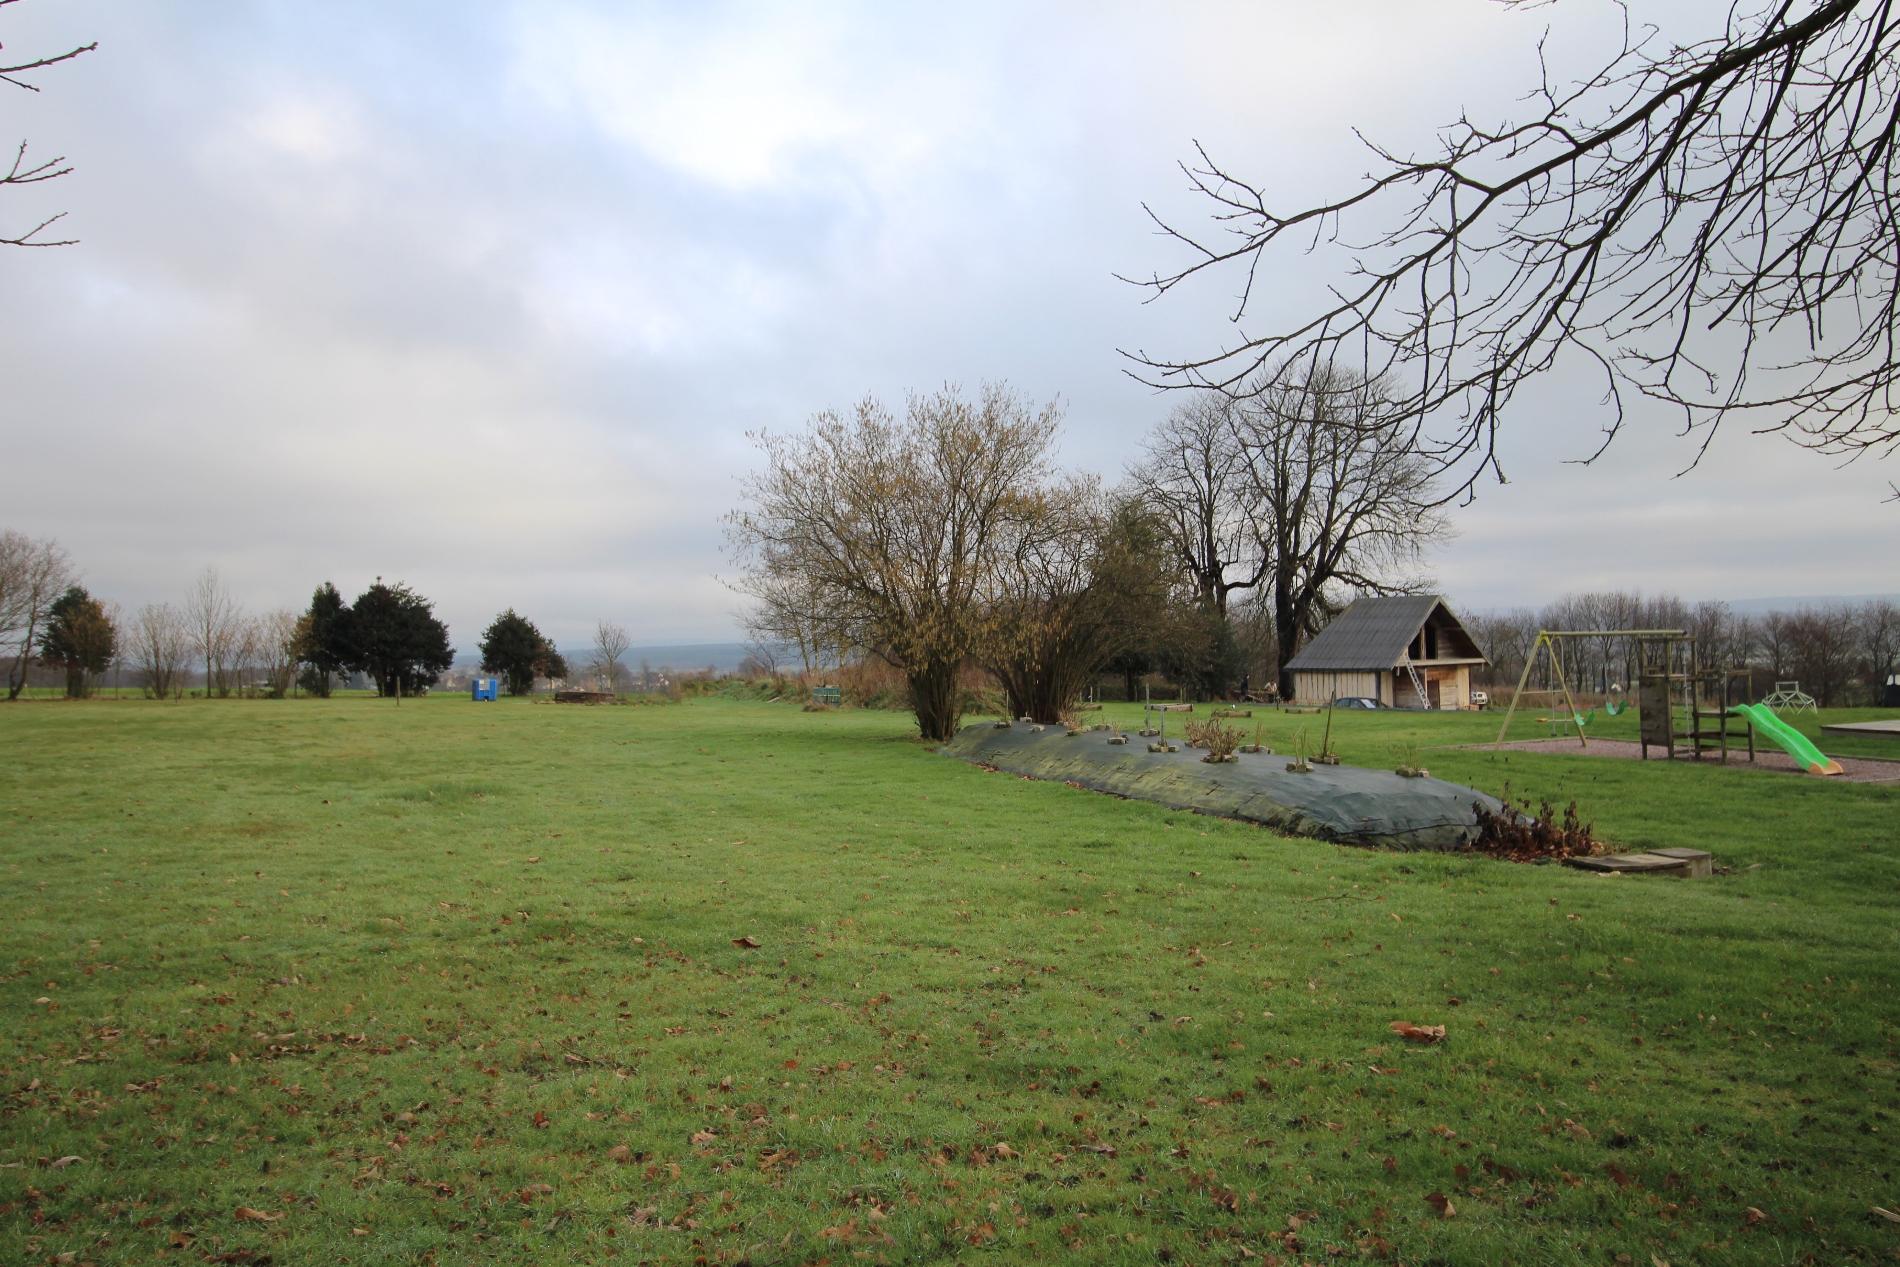 Acheter vente d 39 une maison ancienne en briques et pierres for Acheter une maison de campagne